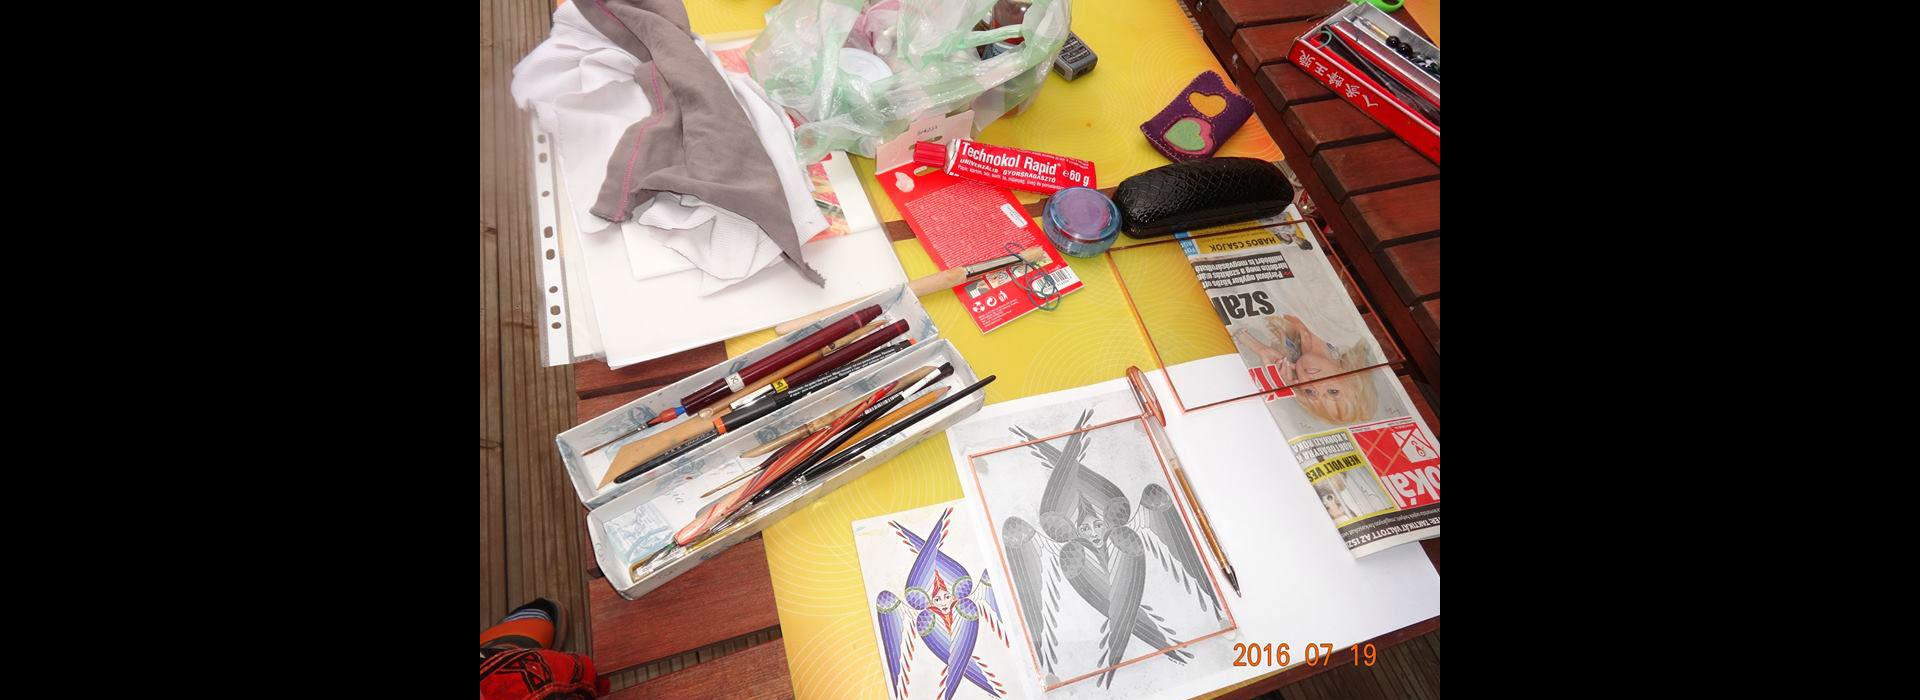 Tabara de pictura ( Artistic camp)-Sacalaia 2016